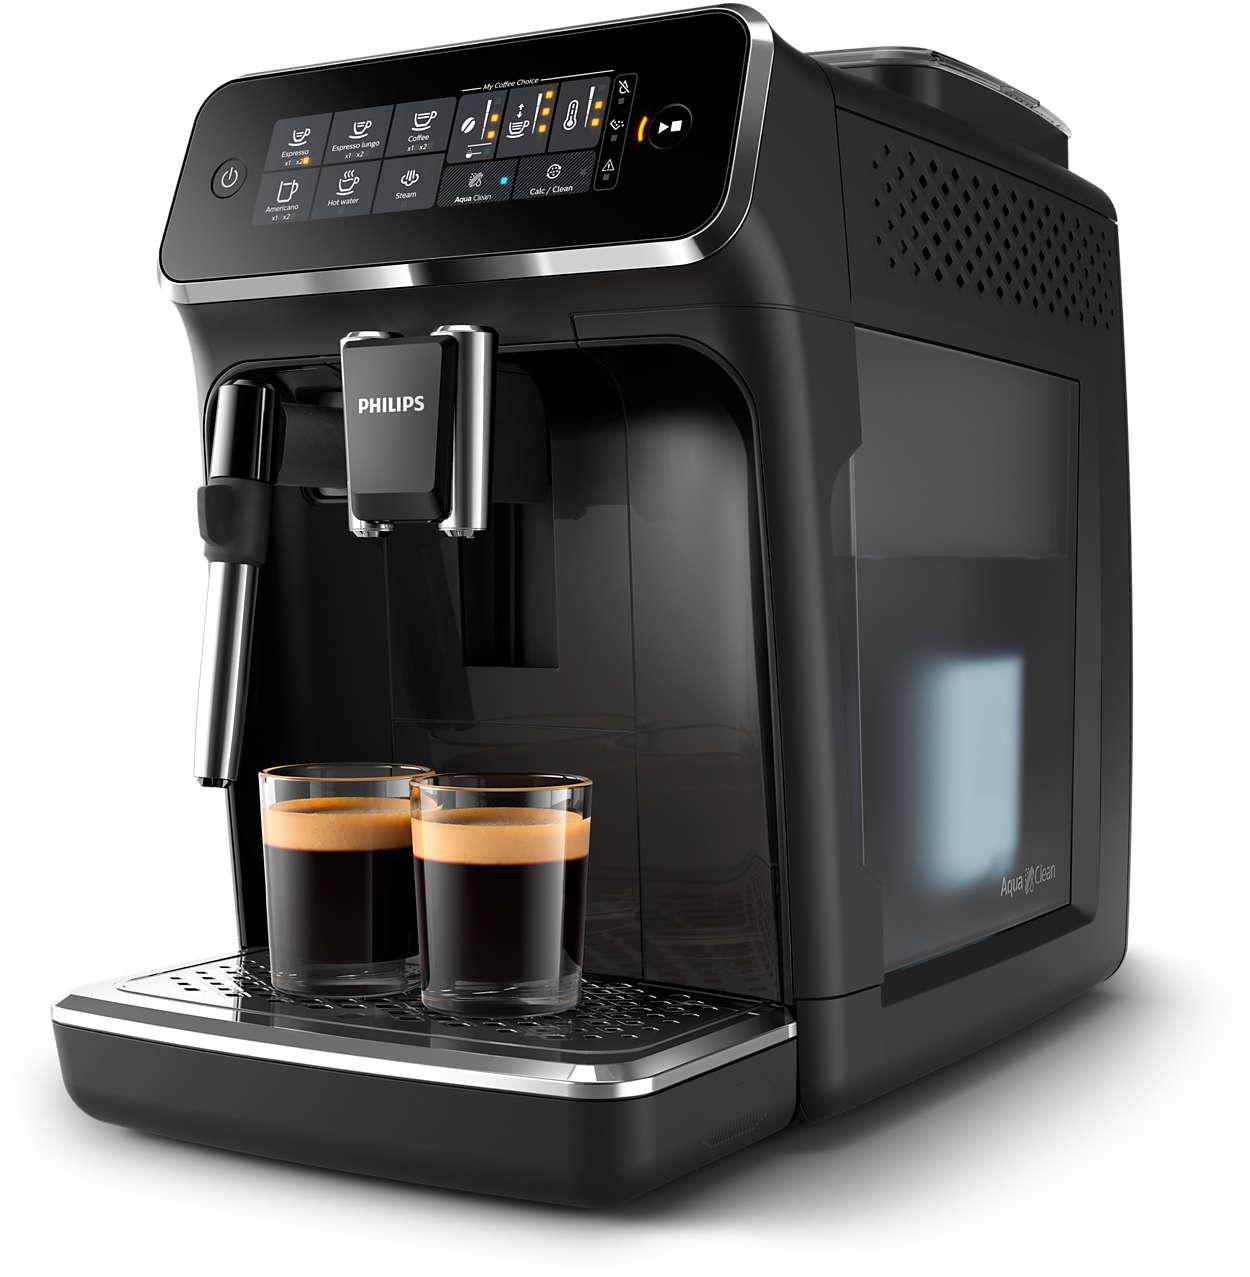 4leckere Kaffeespezialitäten aus frischen Bohnen, leicht gemacht